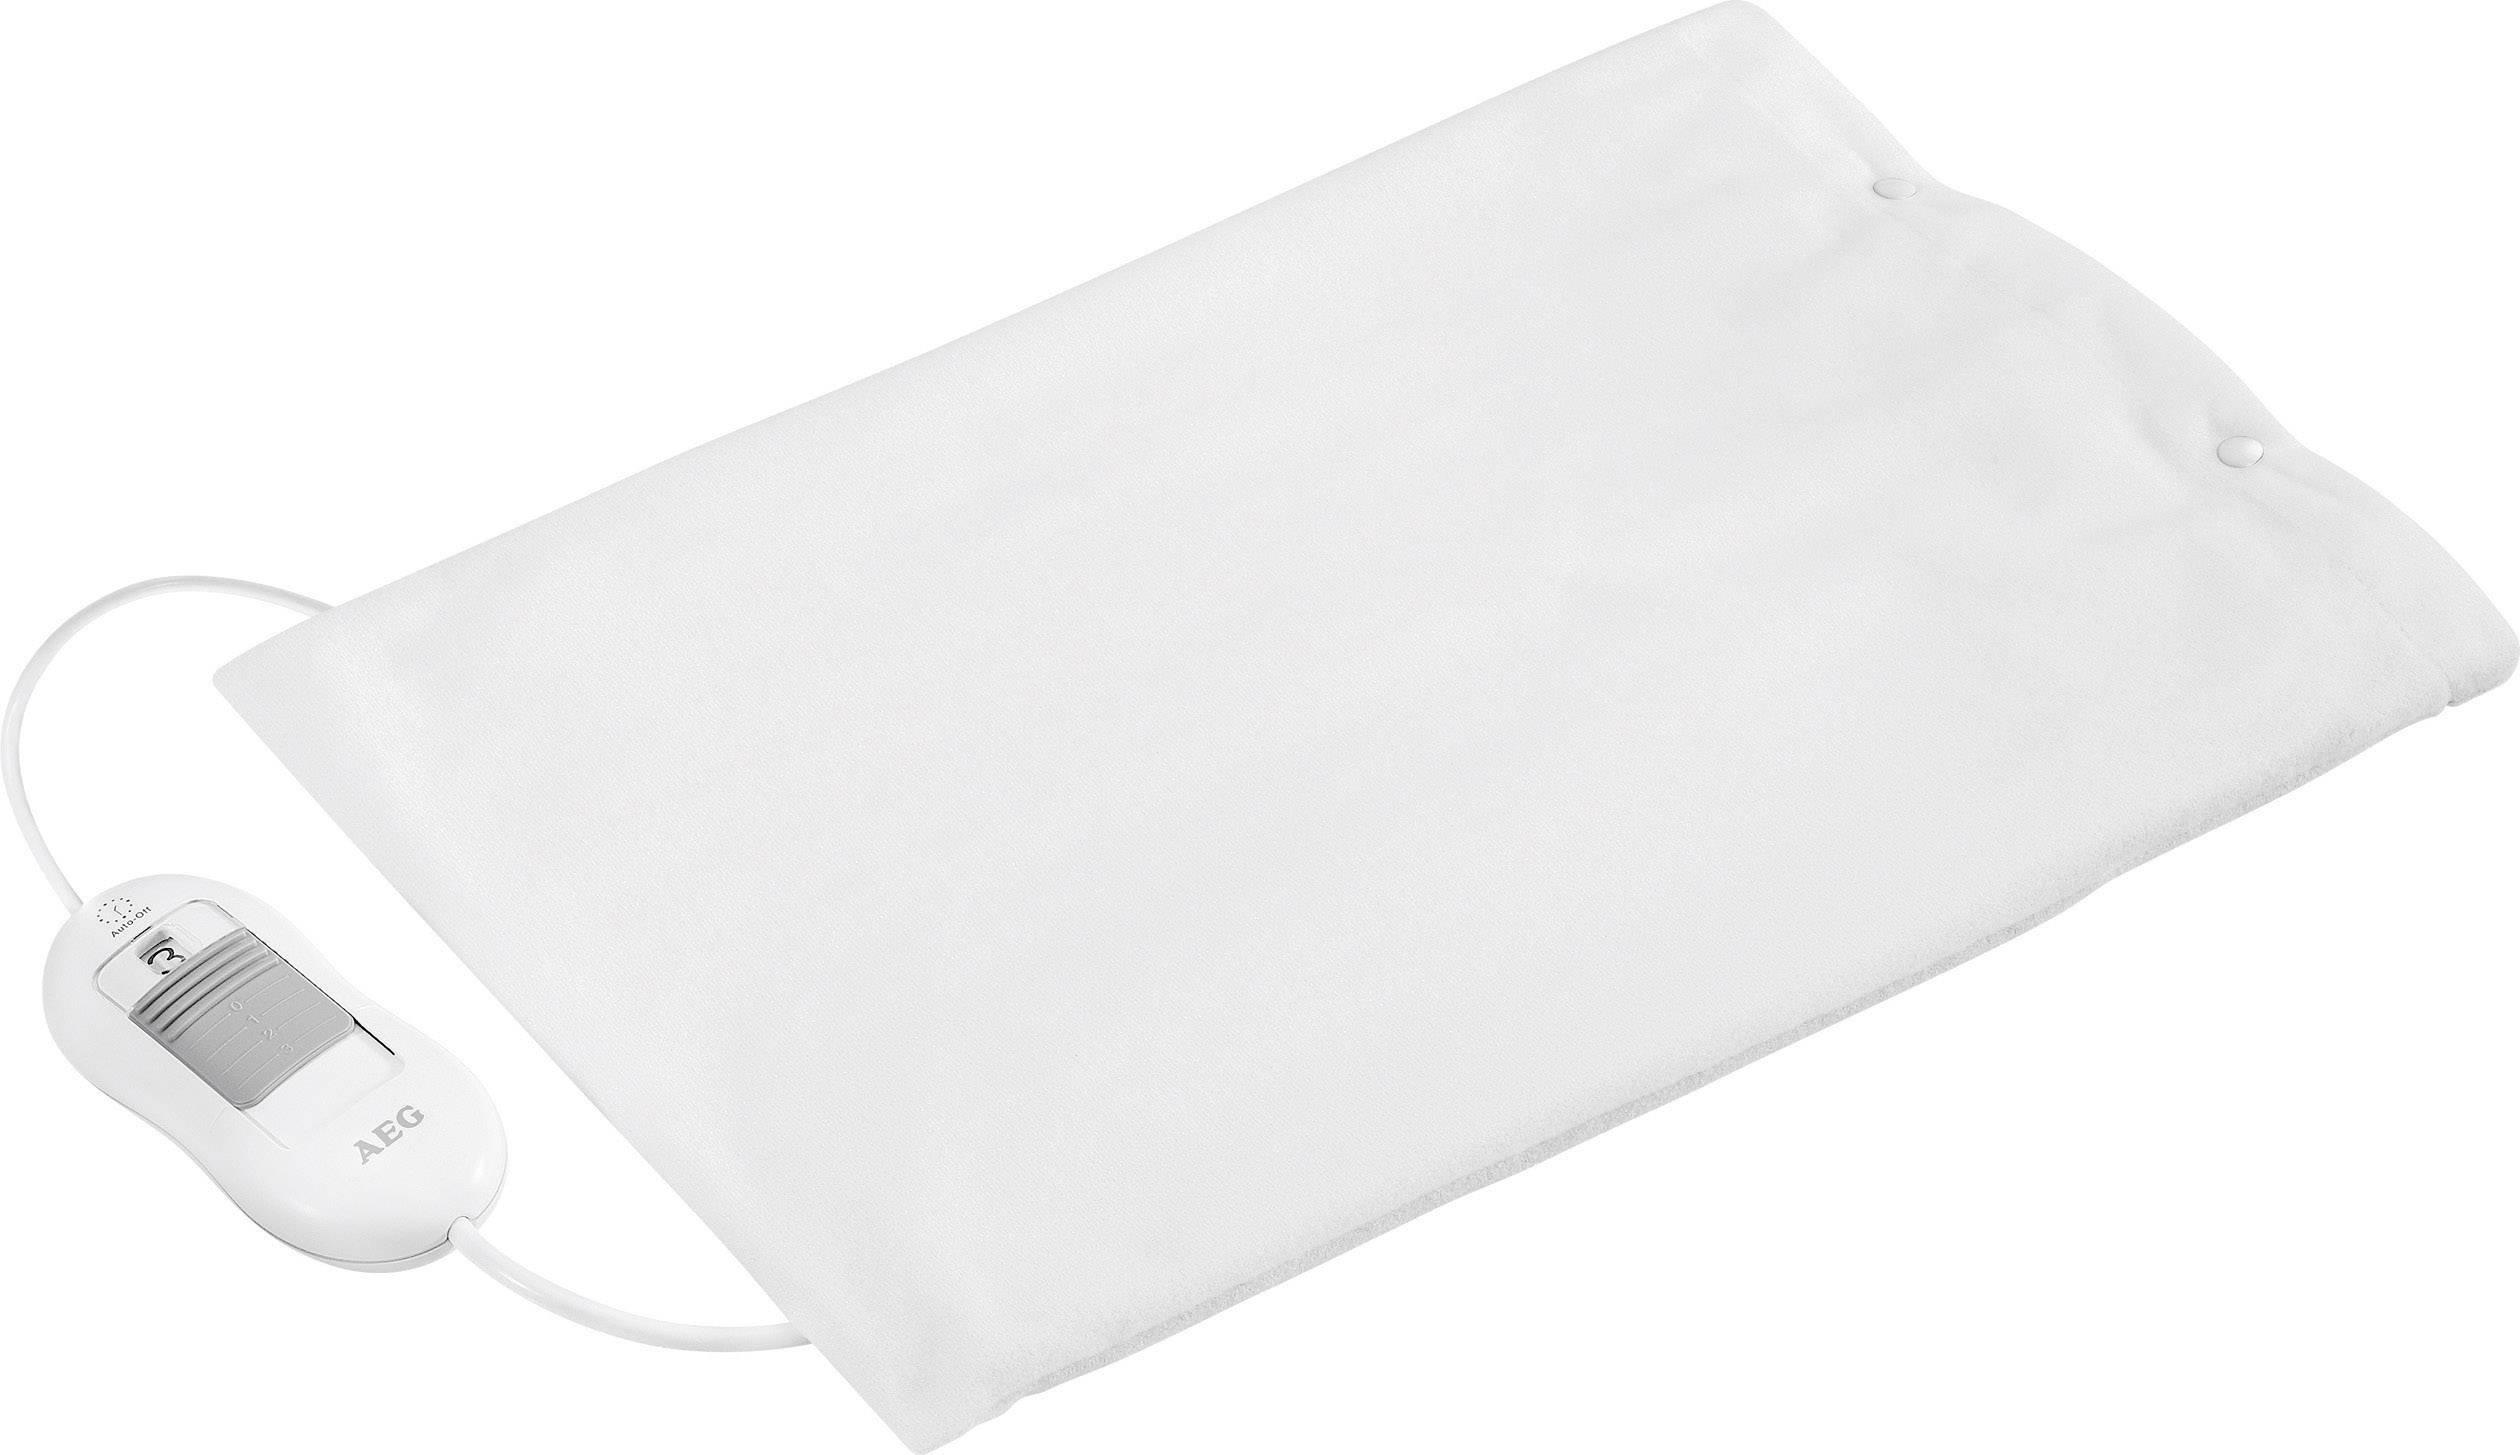 Vyhřívací polštářek AEG HK5646, 100 W, 40 cm x 30 cm , bílá